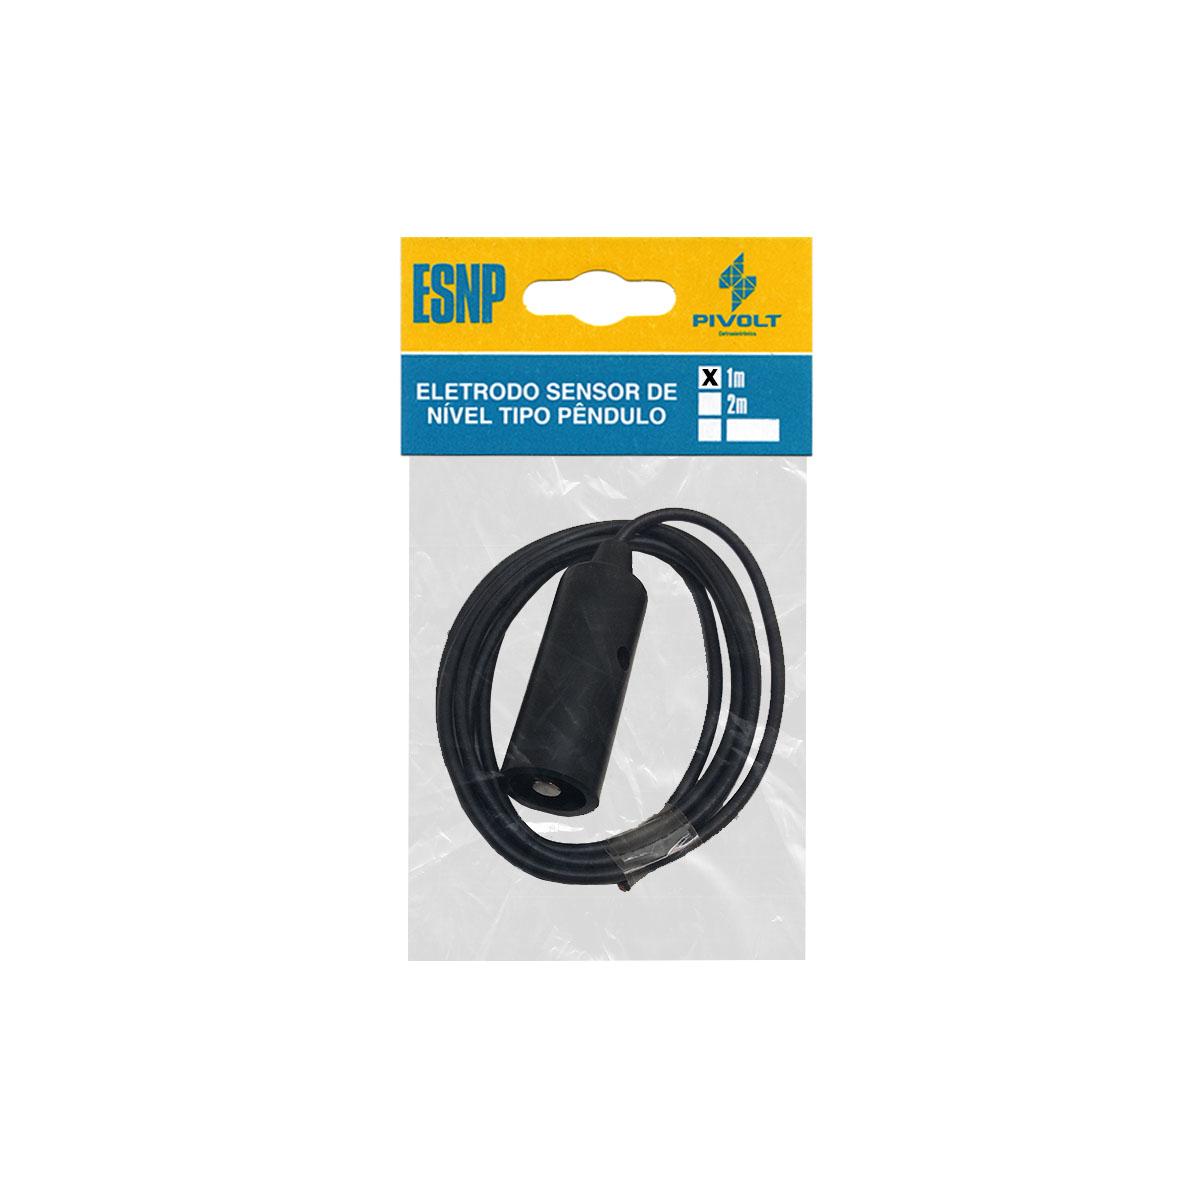 Relé de Nível Inferior DIN 35mm + 3 Eletrodos Tipo Pêndulo cabo de 1m